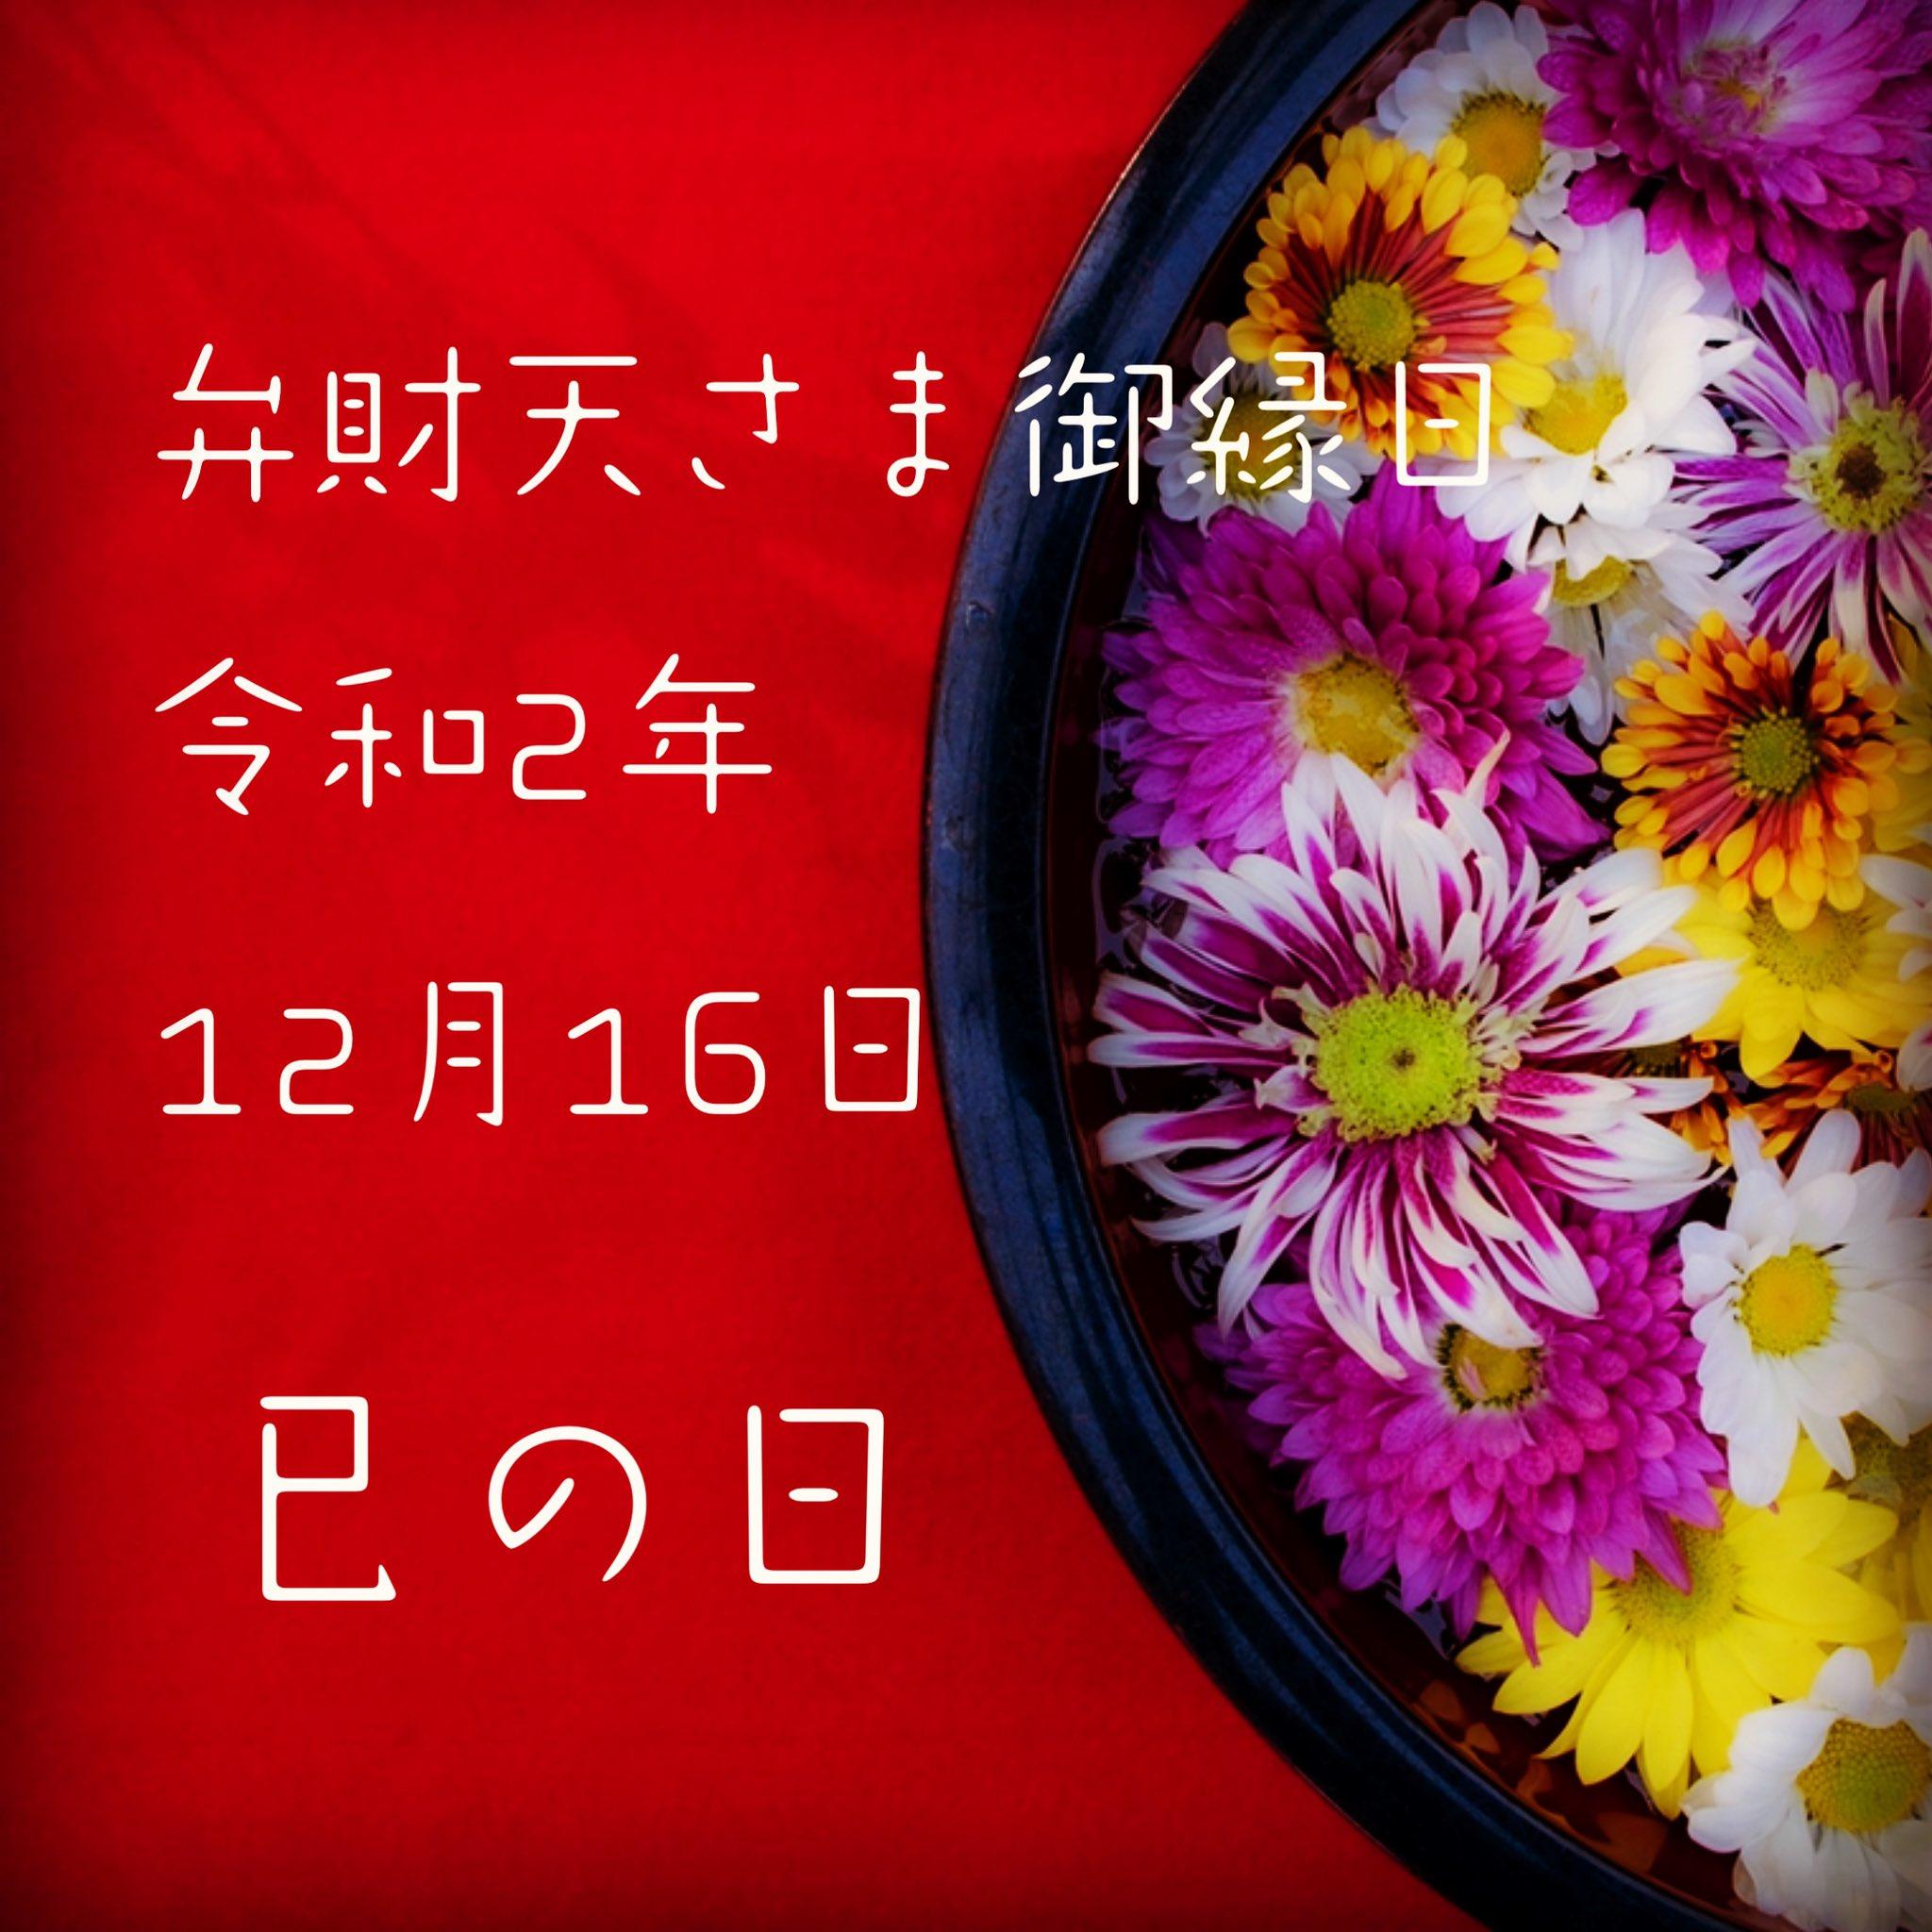 12月16日は弁天様御縁日「巳の日」